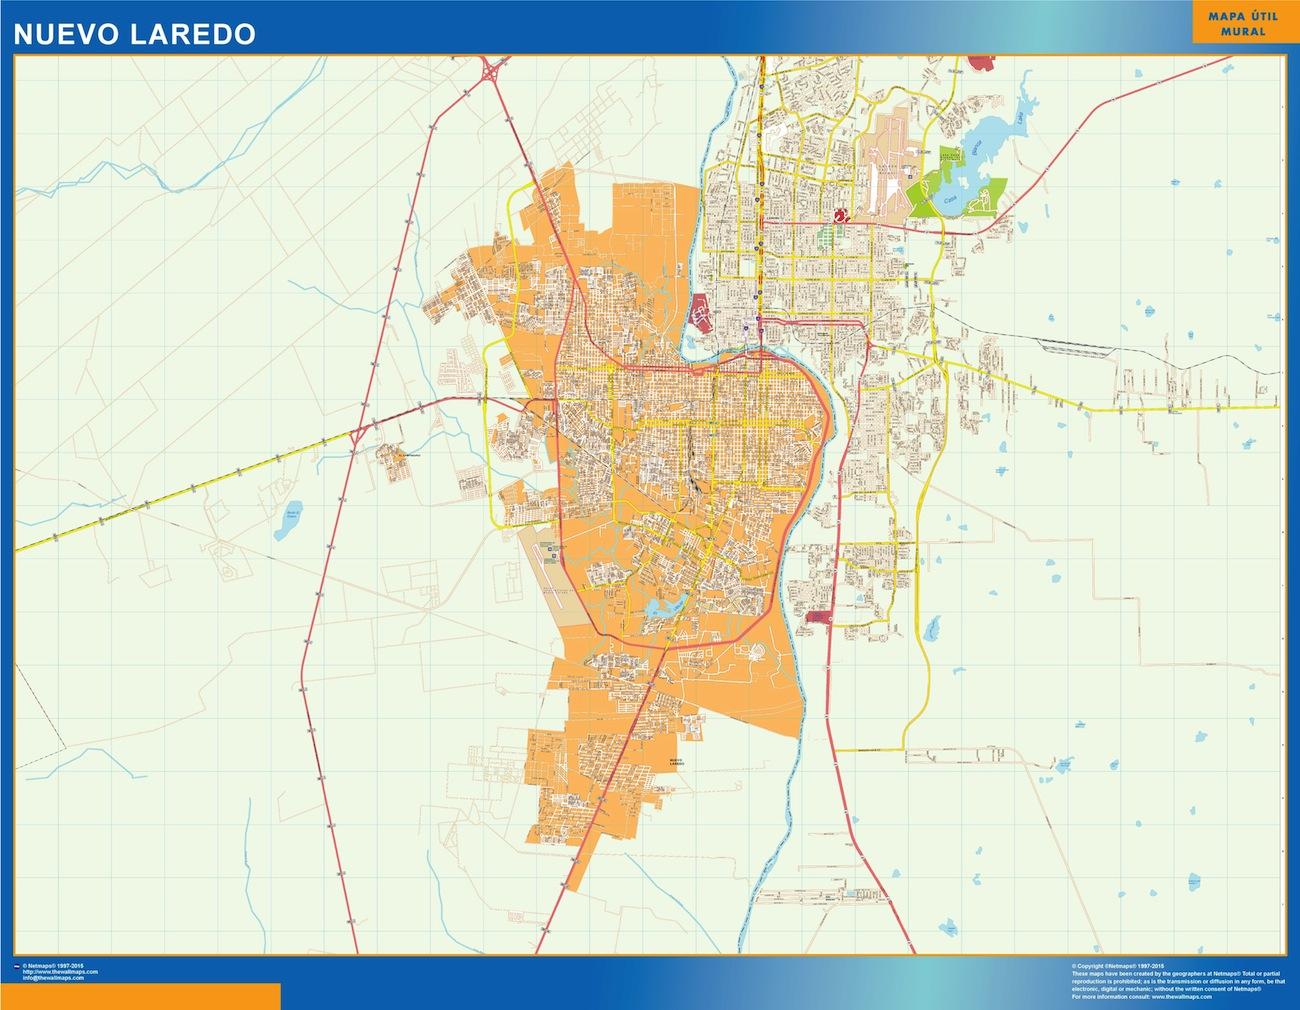 Mapa Nuevo Laredo en Mexico plastificado gigante